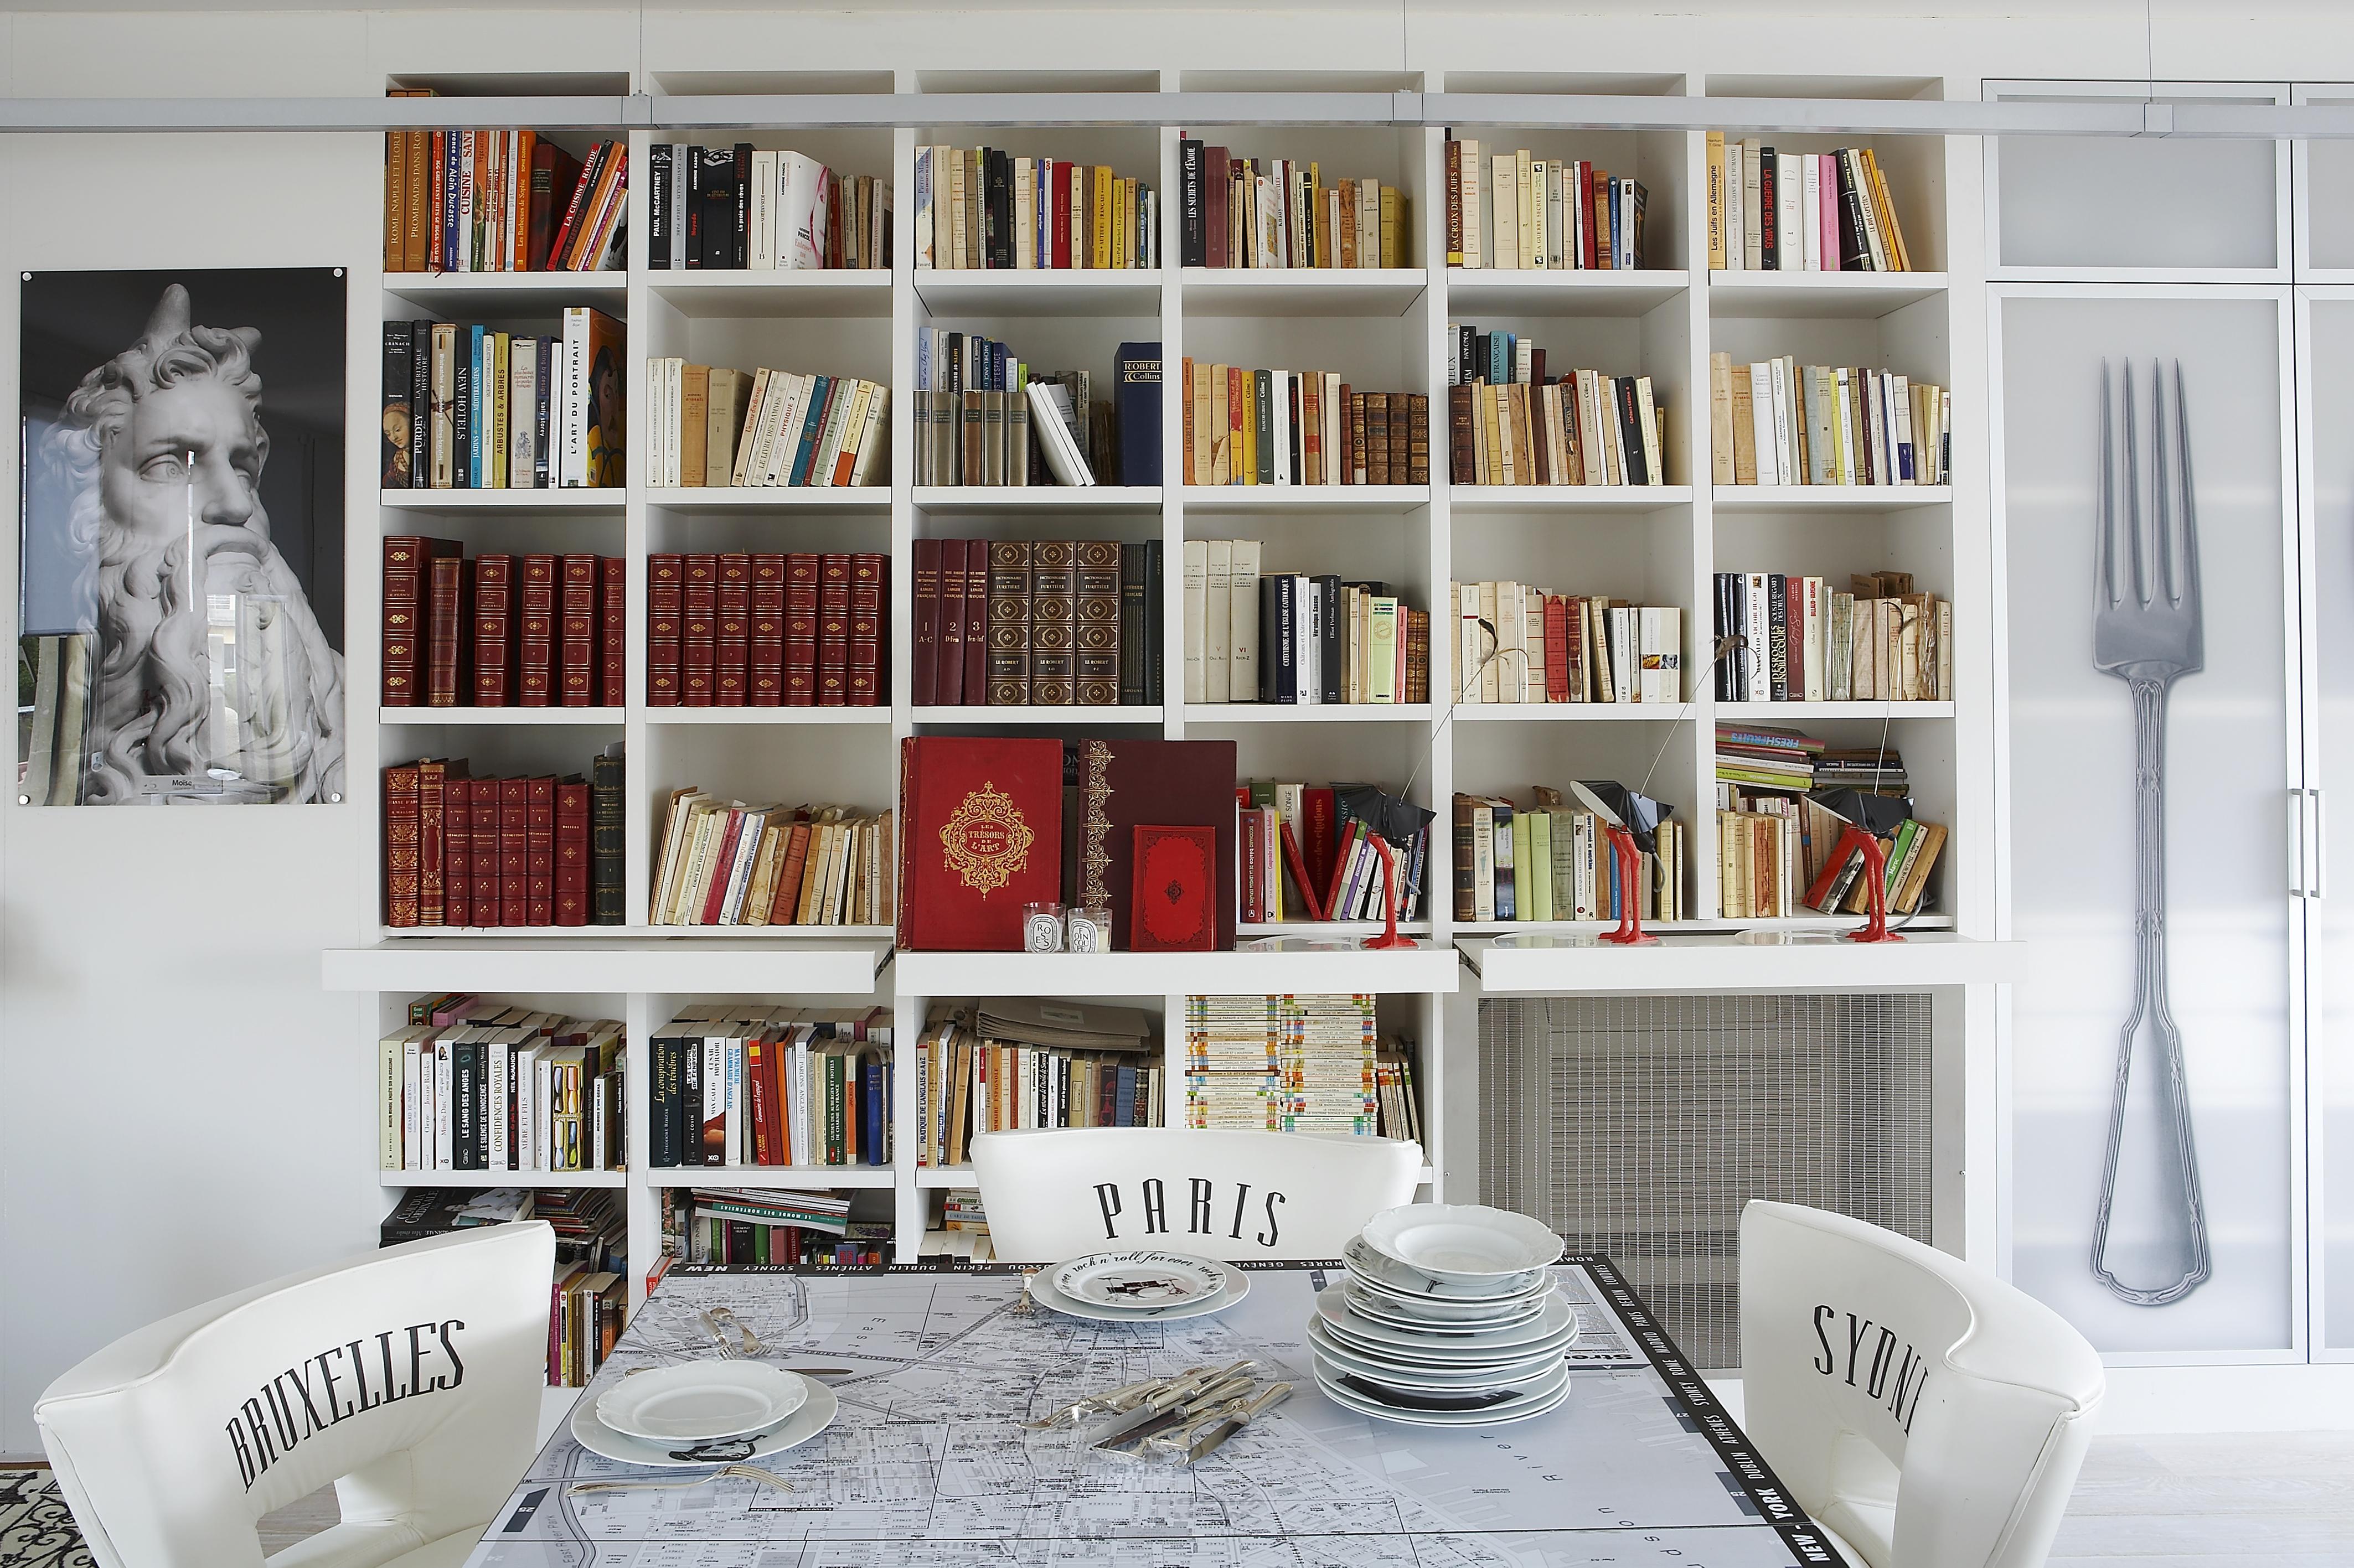 Si quieres que tu casa ligue por ti, llena las estanterías de libros